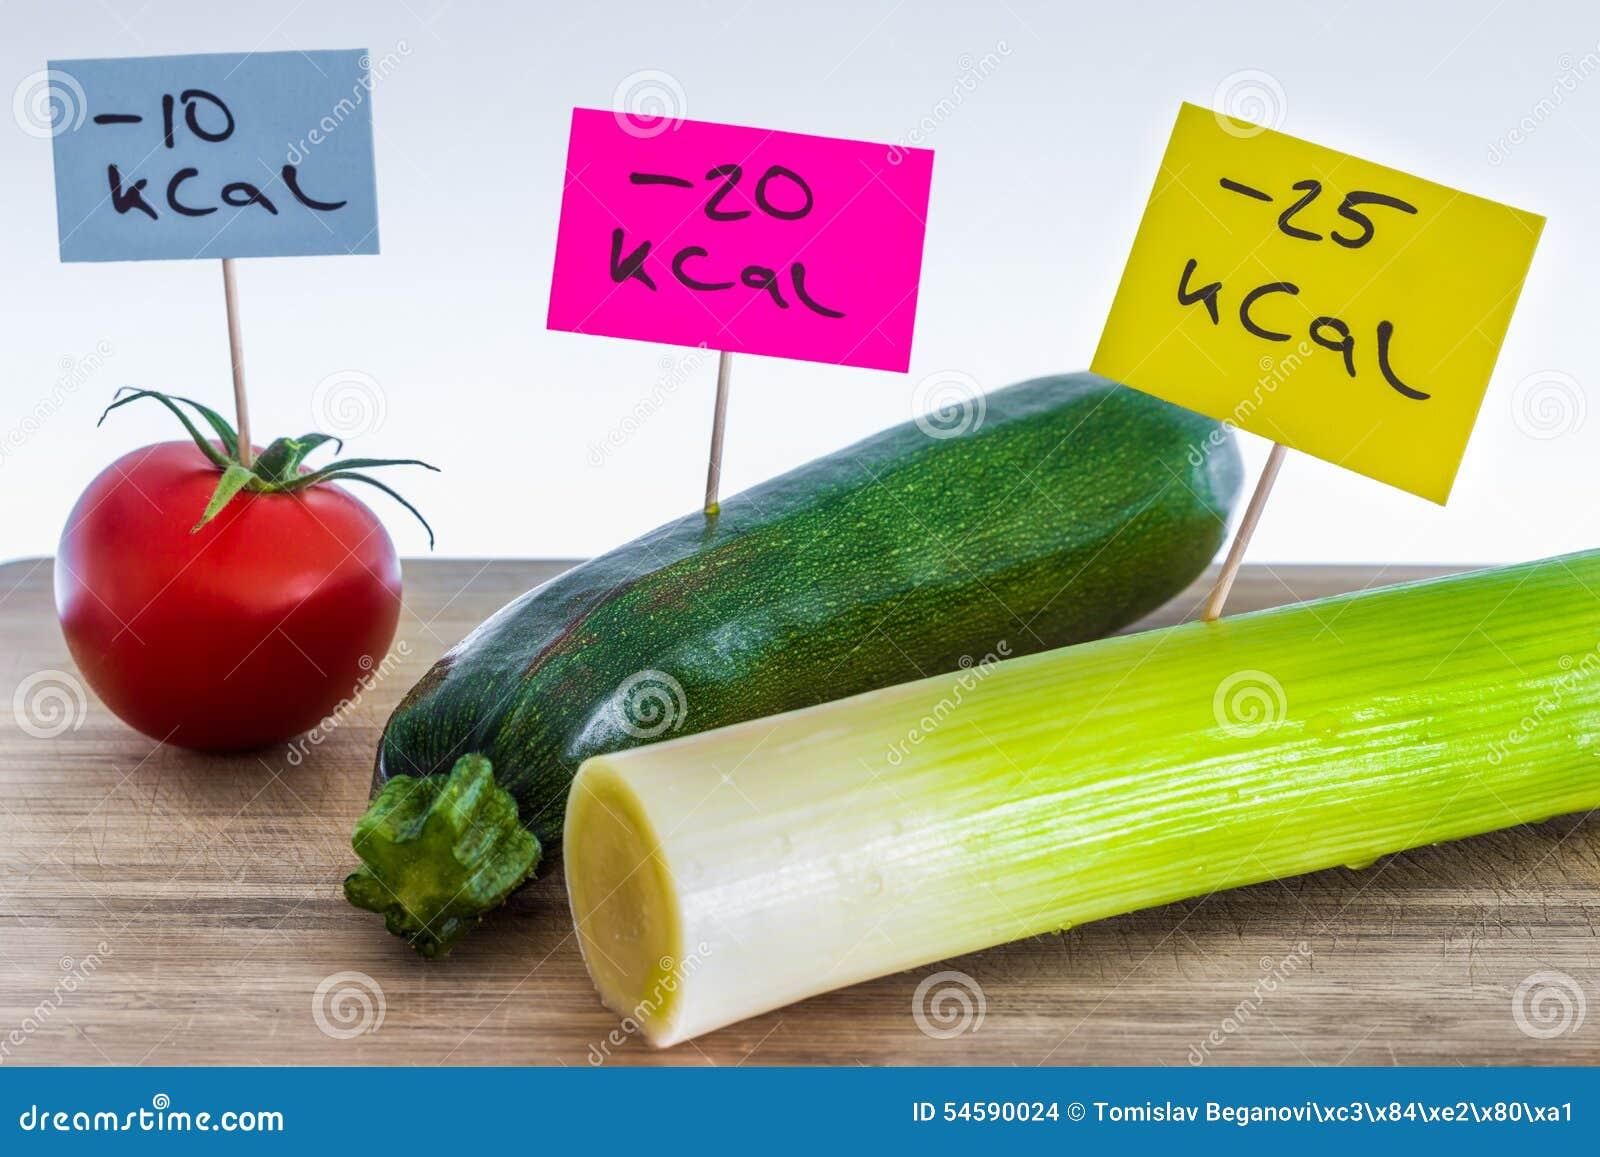 Negativo-calorías De Comida; Puerros, Calabacín Y Tomate Foto de ...